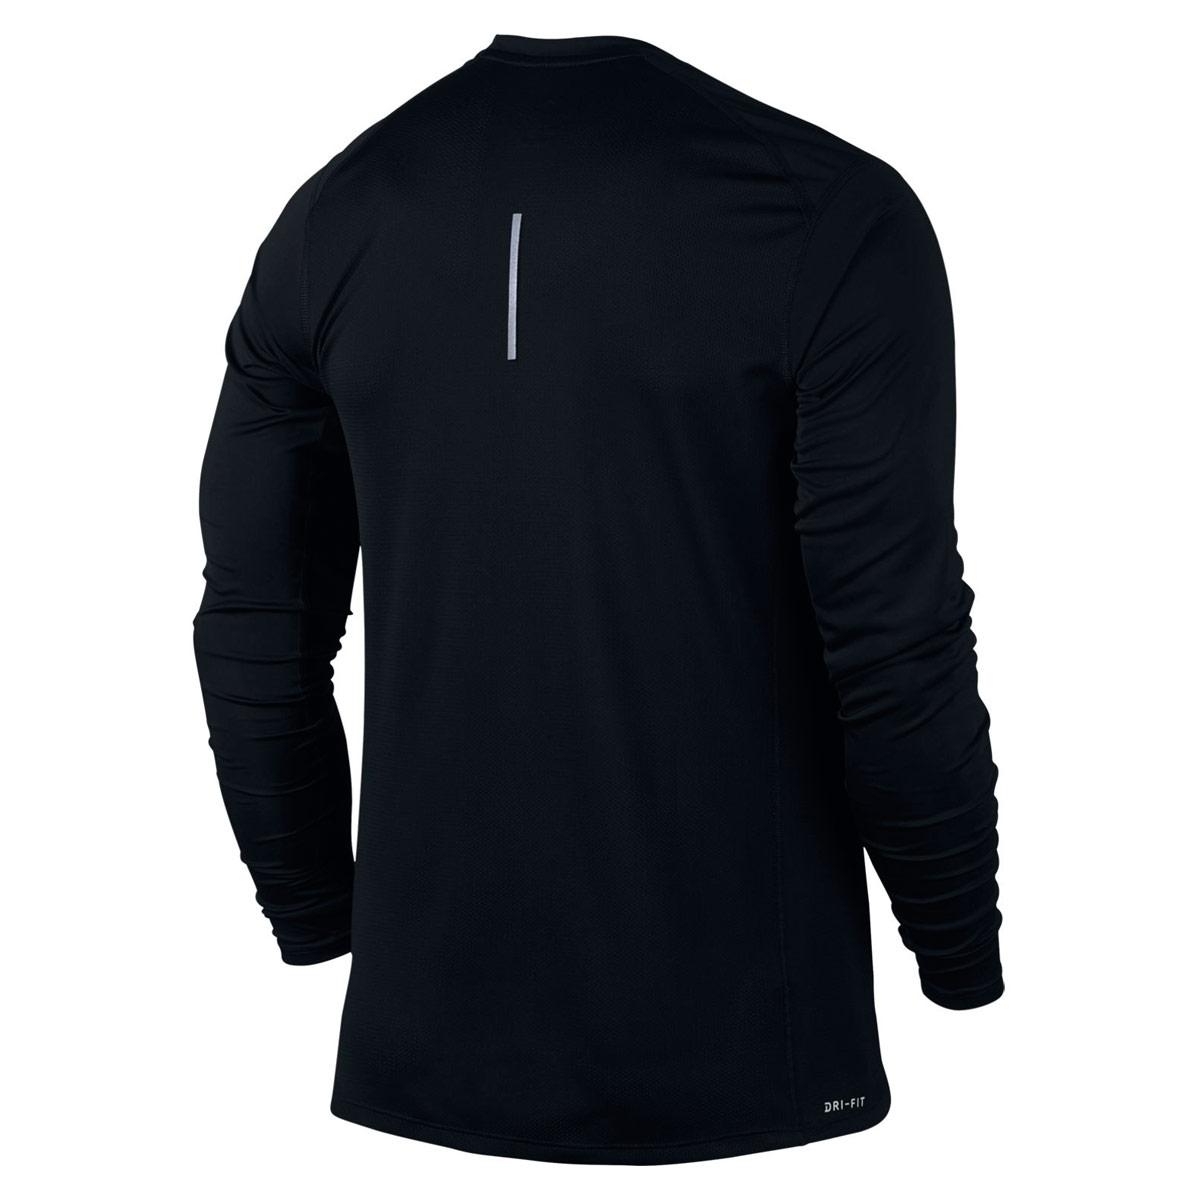 464d7a09 Nike Dry Miler Longsleeve - Running tops for Men - Black | 21RUN